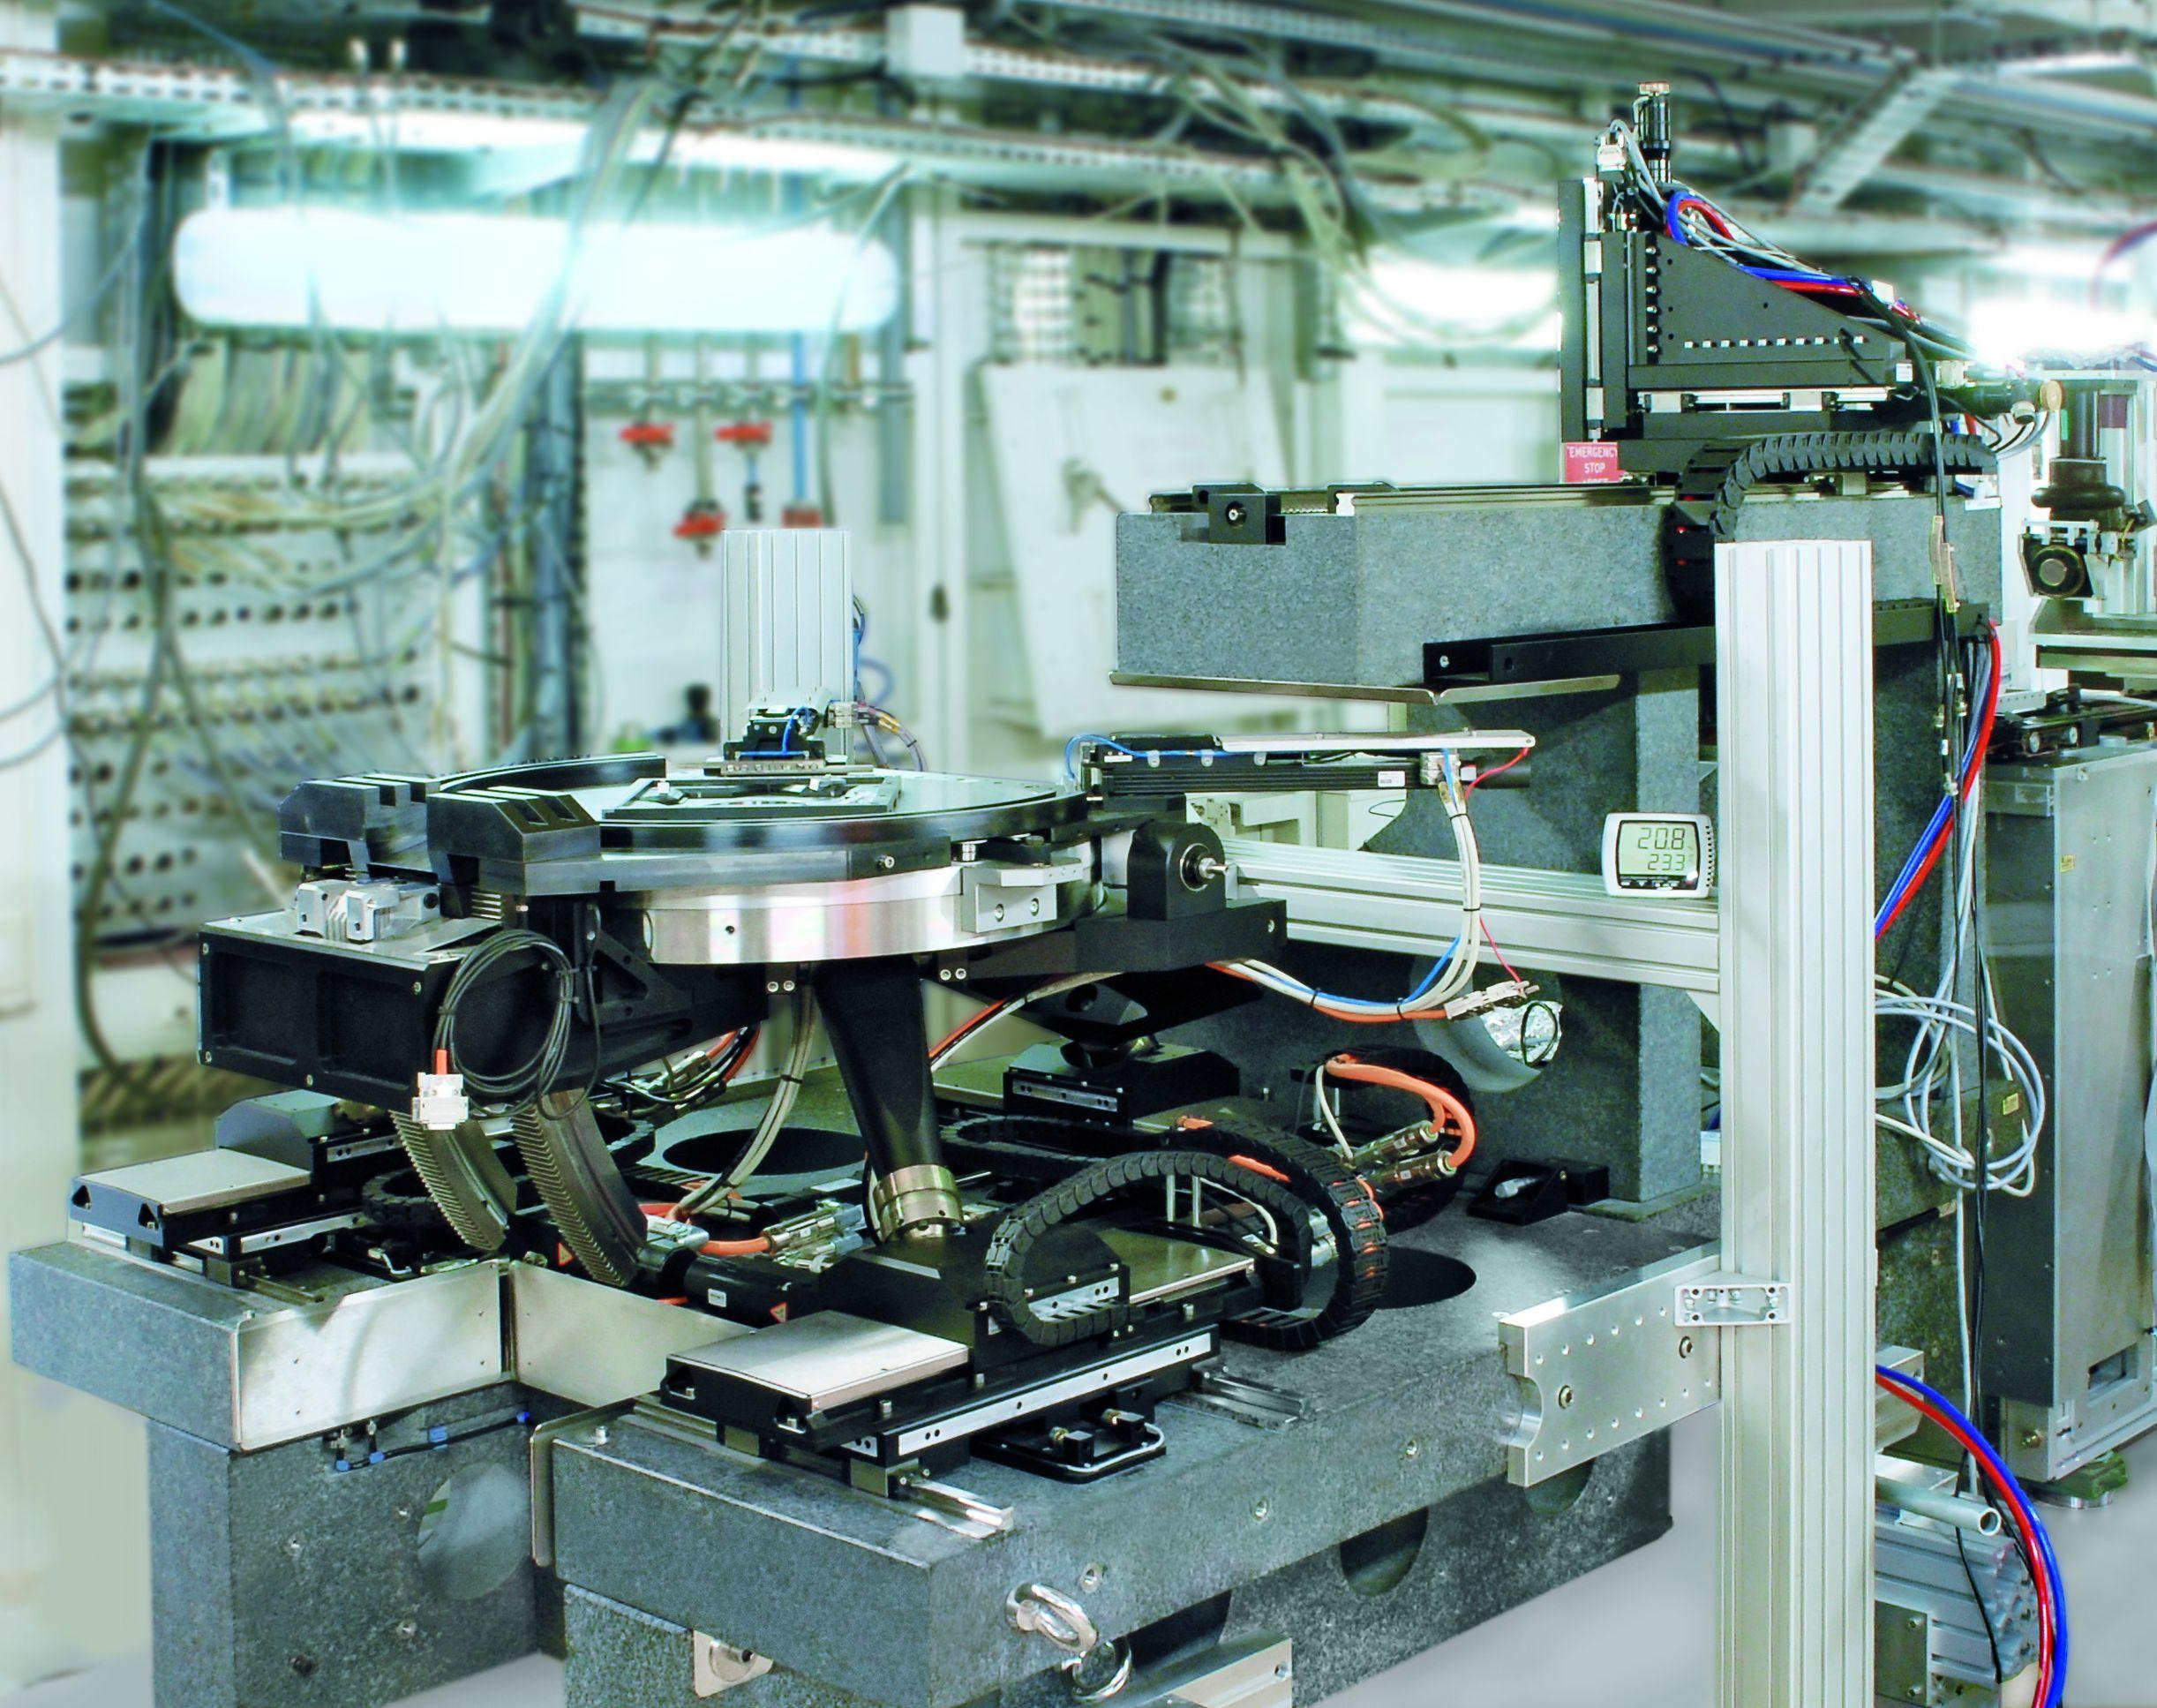 Im Prinzip besteht die Detektor- und Probenpositionierung aus drei kooperierenden Systemen: einem Hubtisch mit Granitunterbau, einem in drei Achsen beweglichen Detektortisch und der Probenpositionierung. Letztere setzt sich zusammen aus einem sechsachsigen Positioniersystem sowie einem Rotations- und Kipptisch, auf dem der eigentliche Probenträger kontaktlos positioniert wird. Bild: PI, Fraunhofer EZRT, ESRF